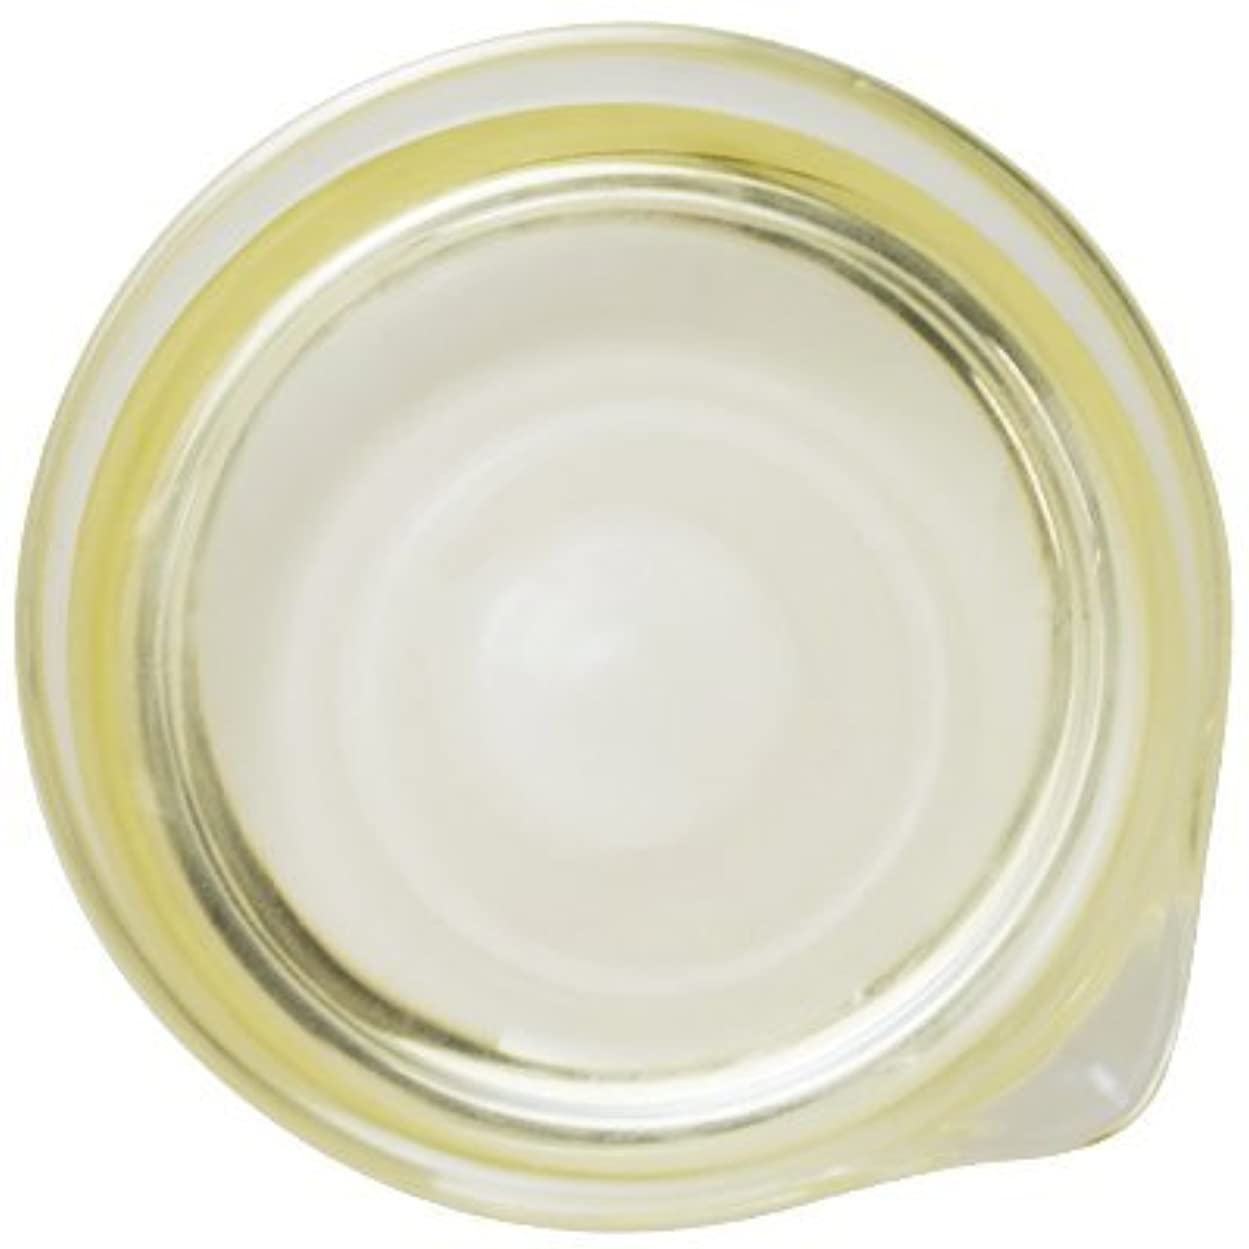 値下げ動機付けるバリーセサミオイル 1L [白ごま油]【手作り石鹸/手作りコスメ/ごま油】【birth】